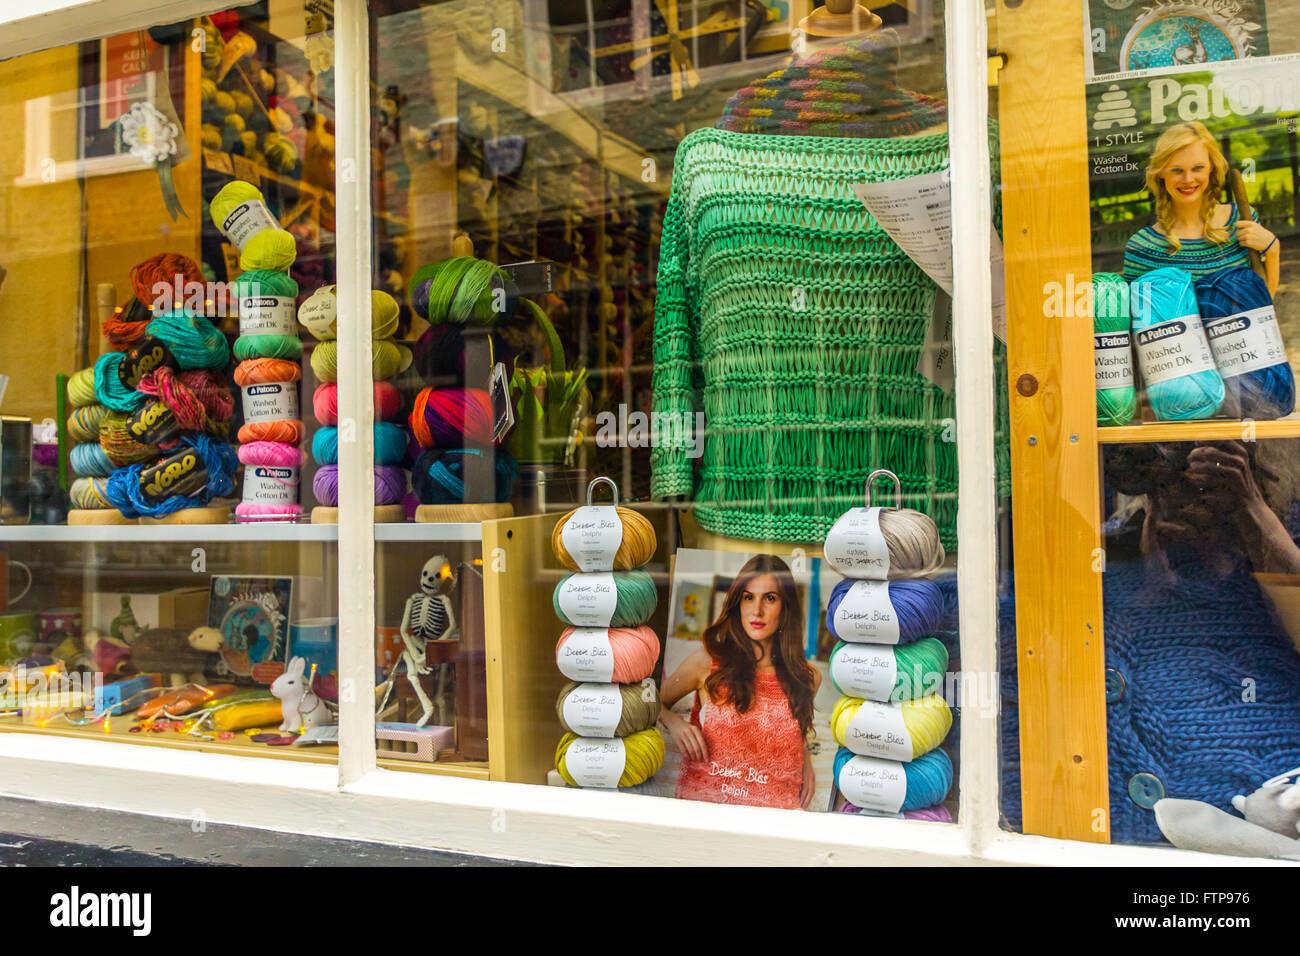 Knitting wool shop in York, England, UK - Stock Image